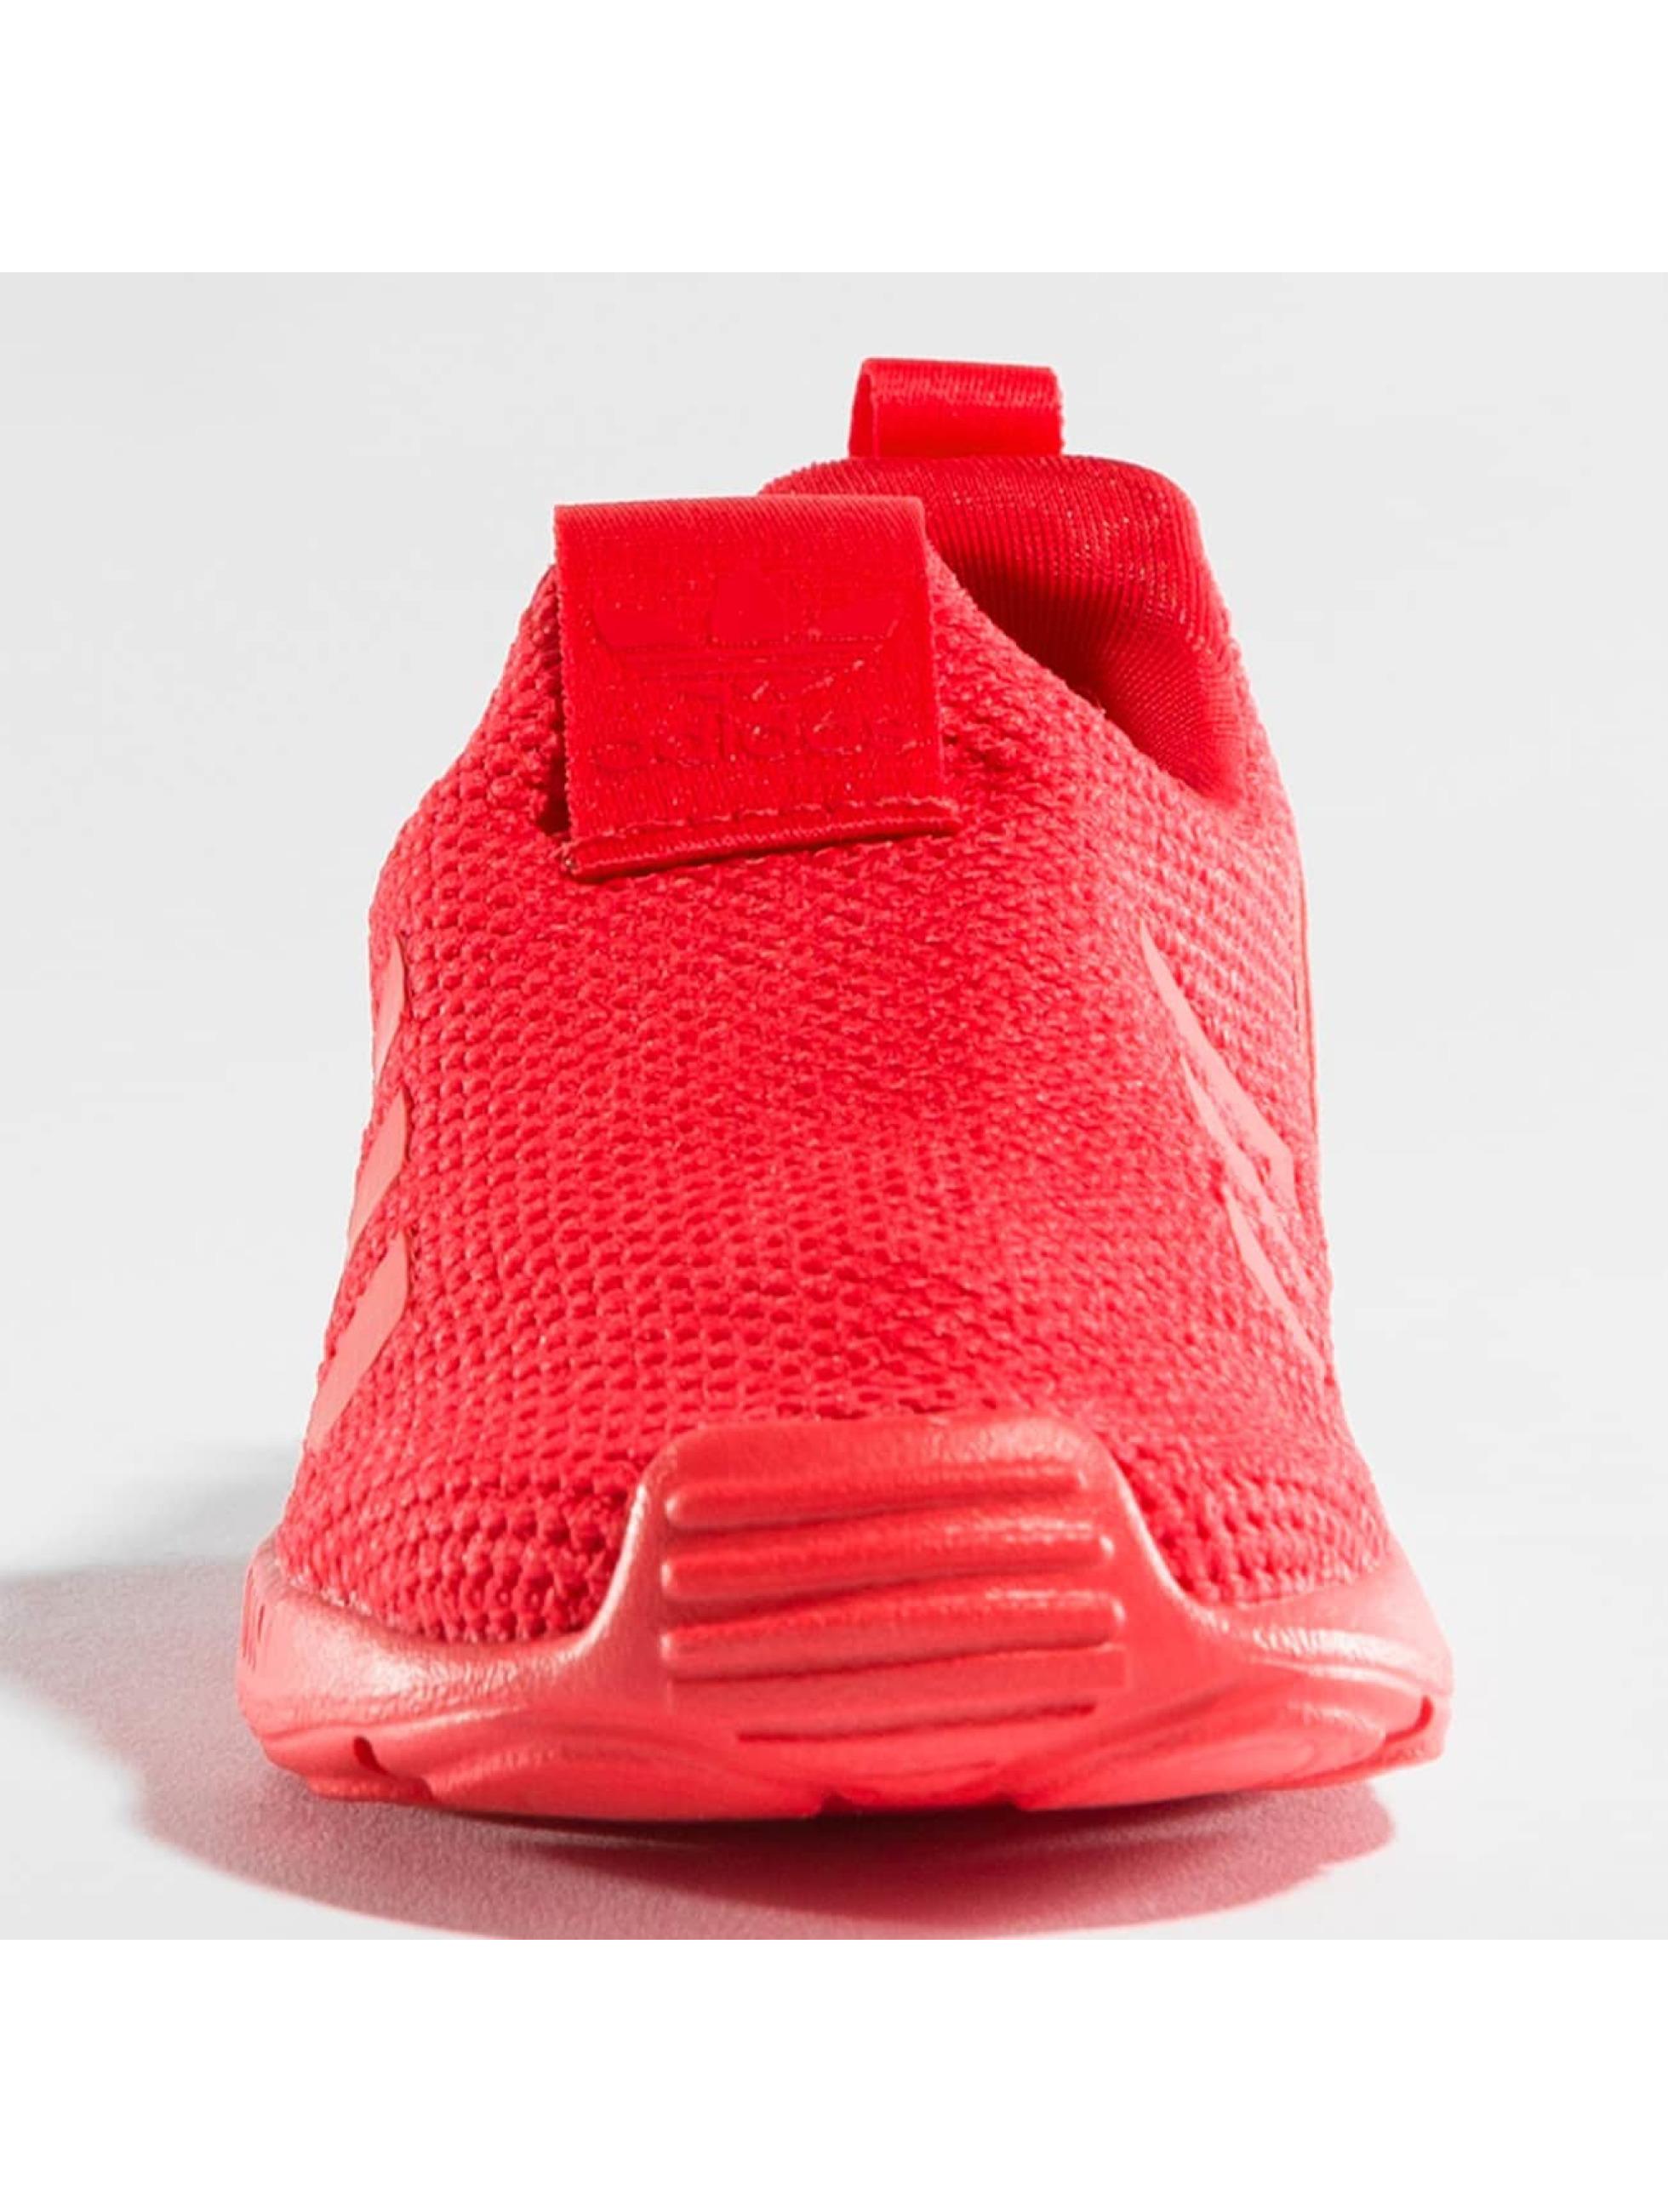 adidas originals Sneaker ZX Flux 360 SC I rot